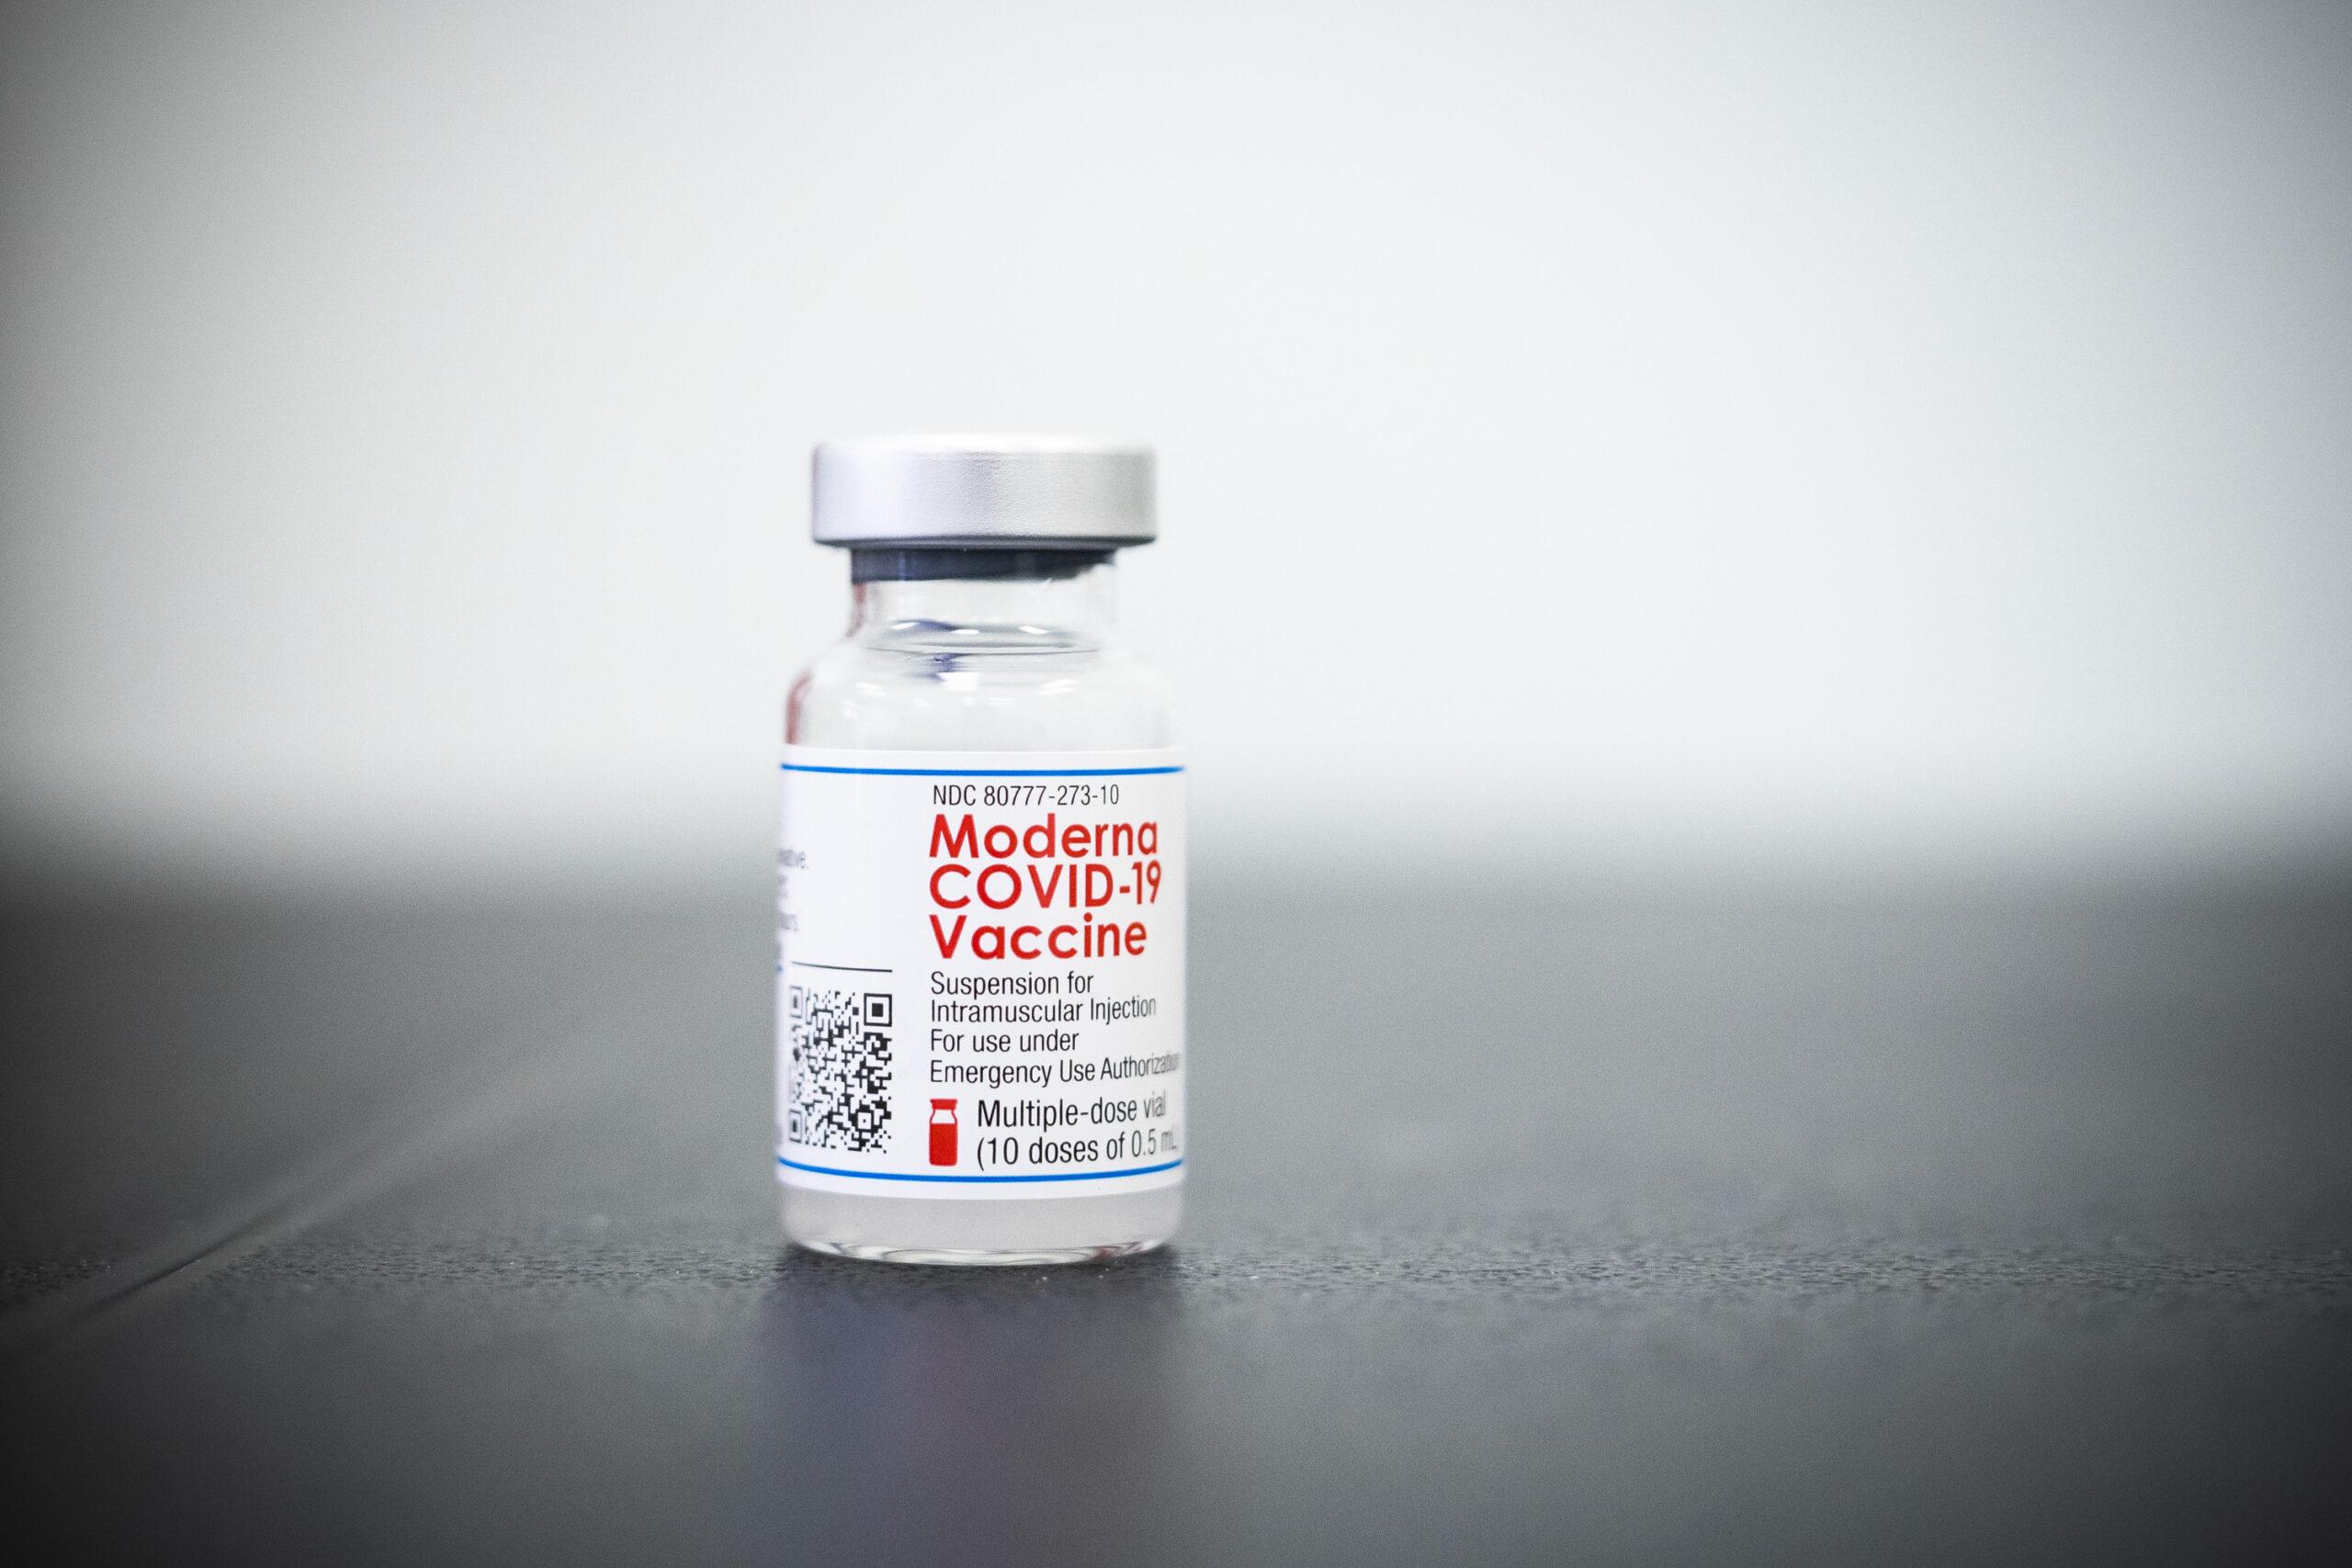 Aifaが青年向けのModernaワクチンの使用を承認しているため